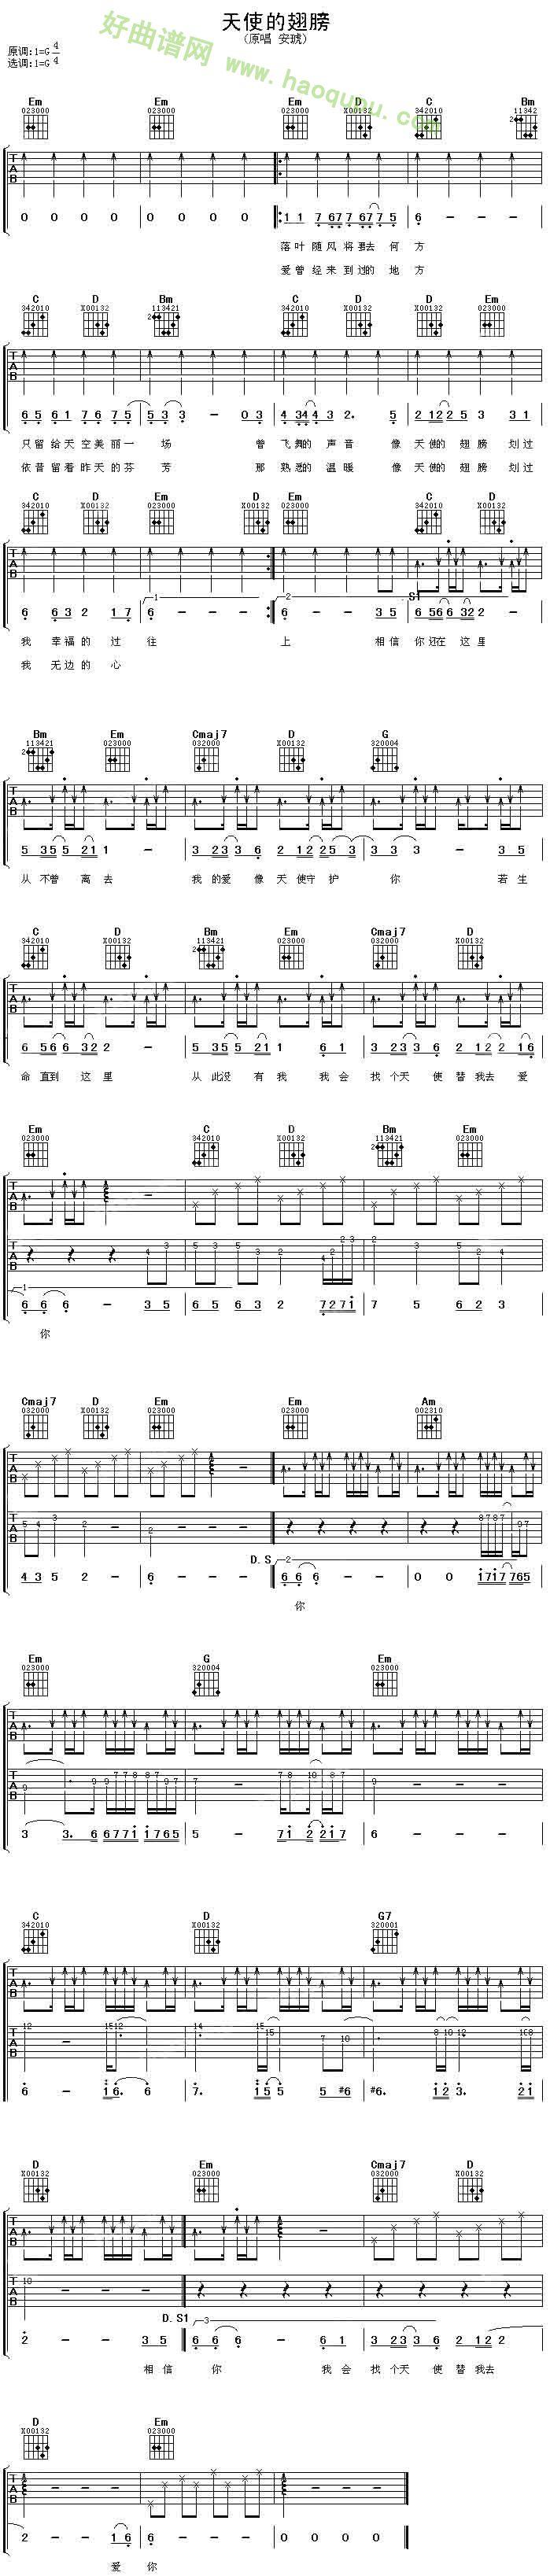 《天使的翅膀》吉他谱